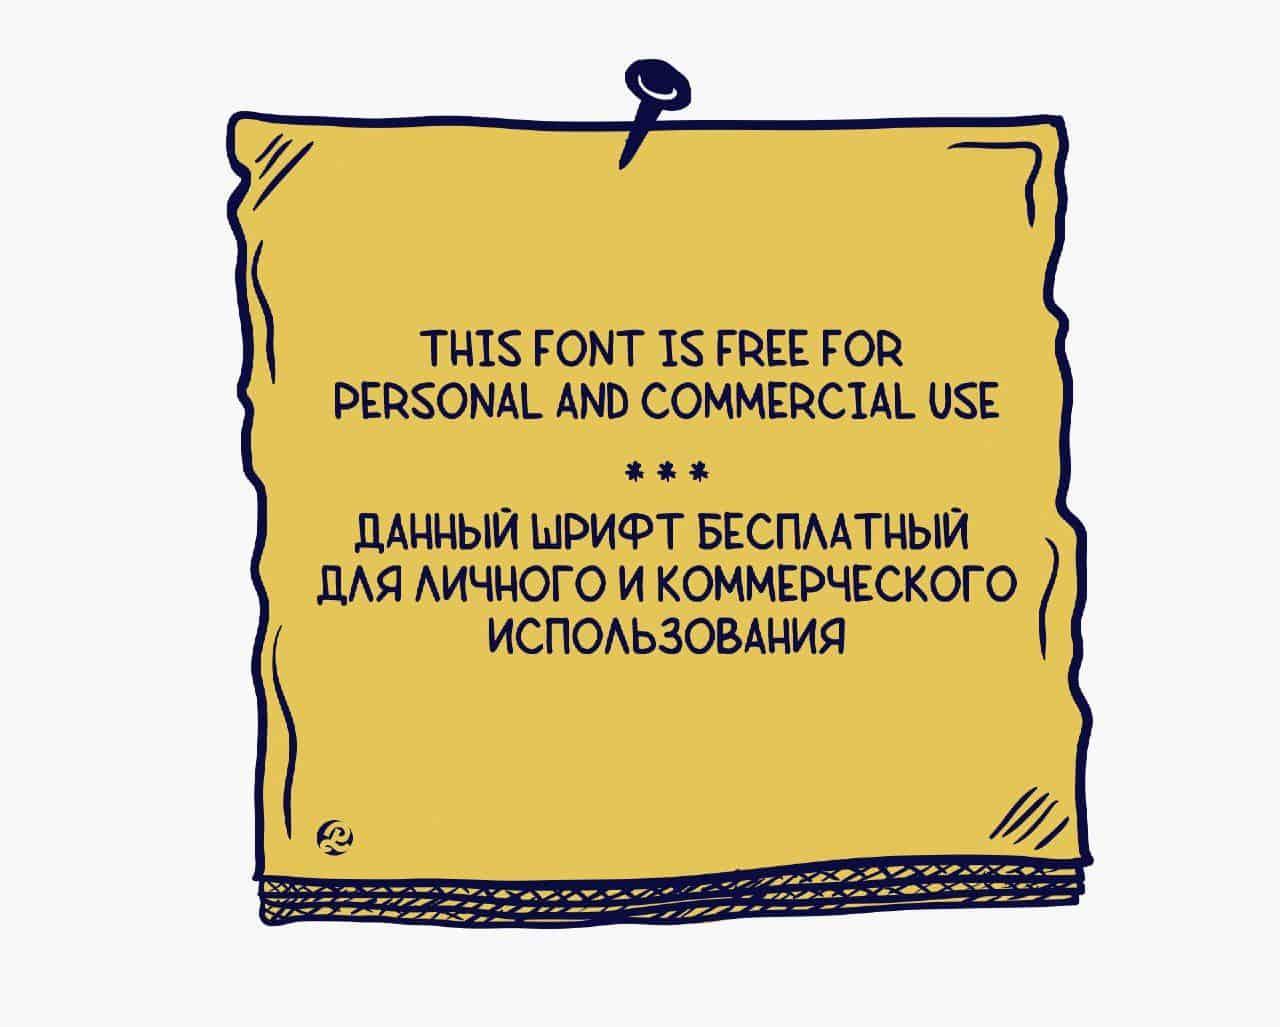 Zametka шрифт скачать бесплатно